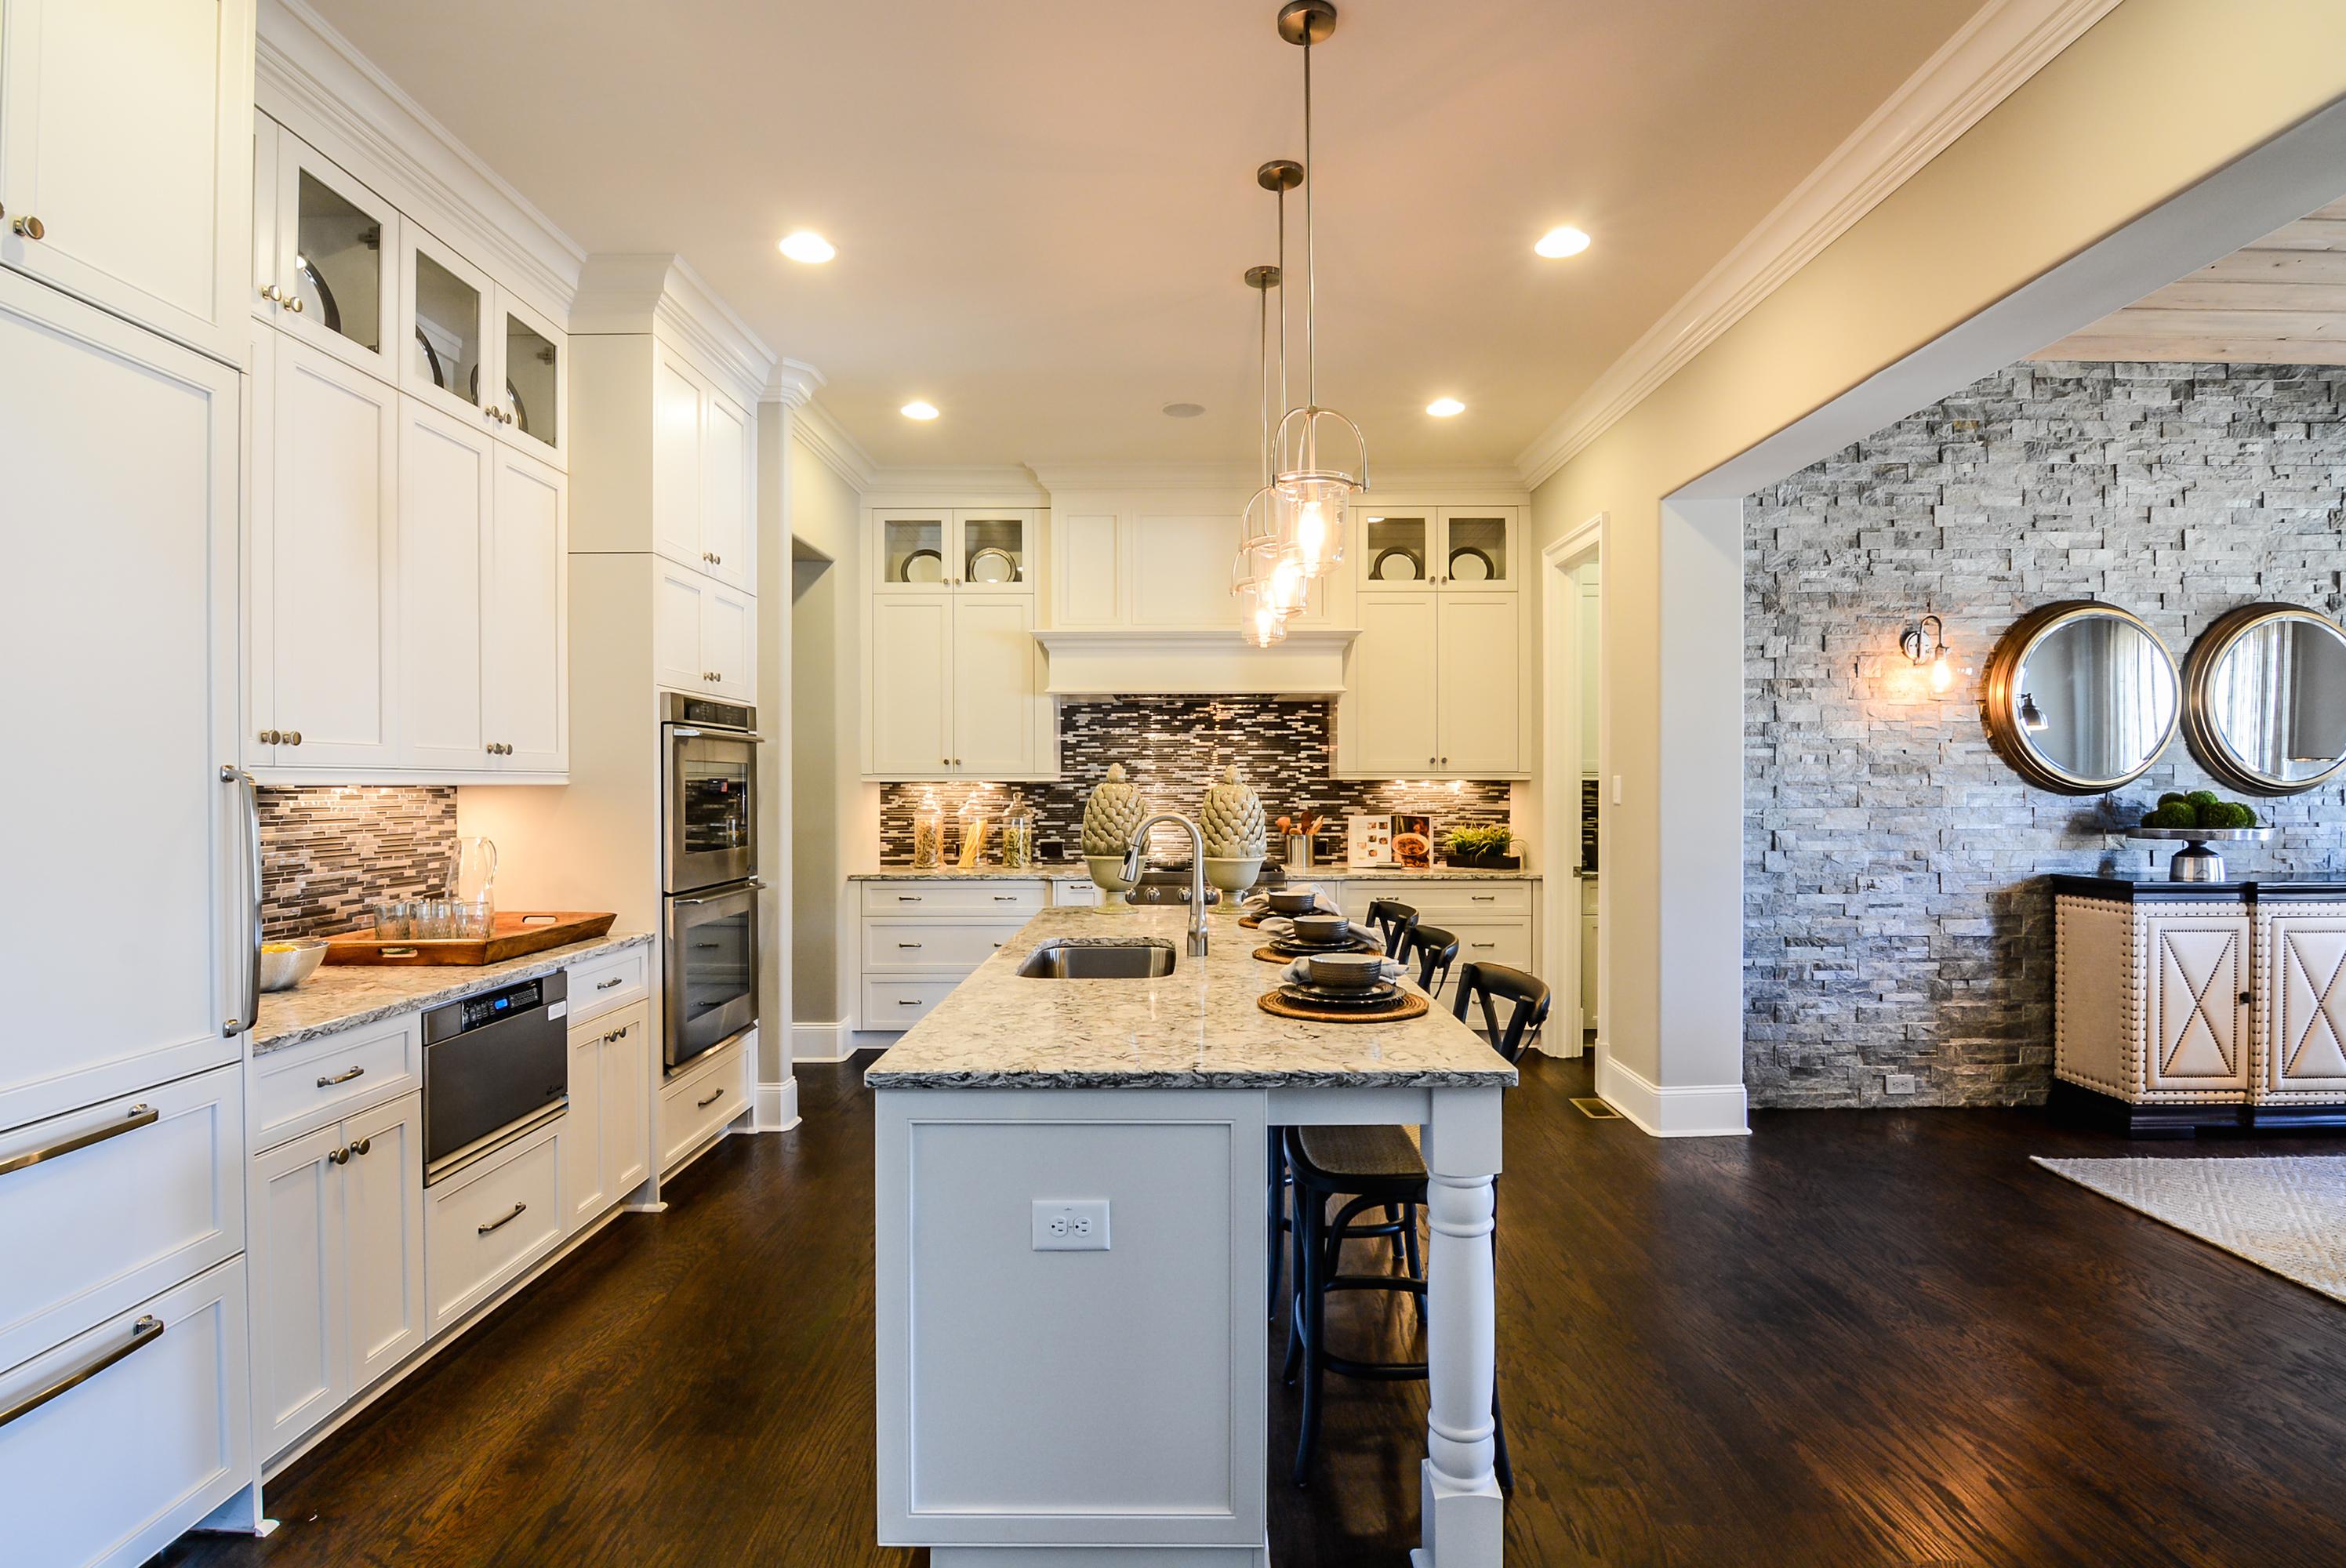 Sleek & Stylish Kitchen